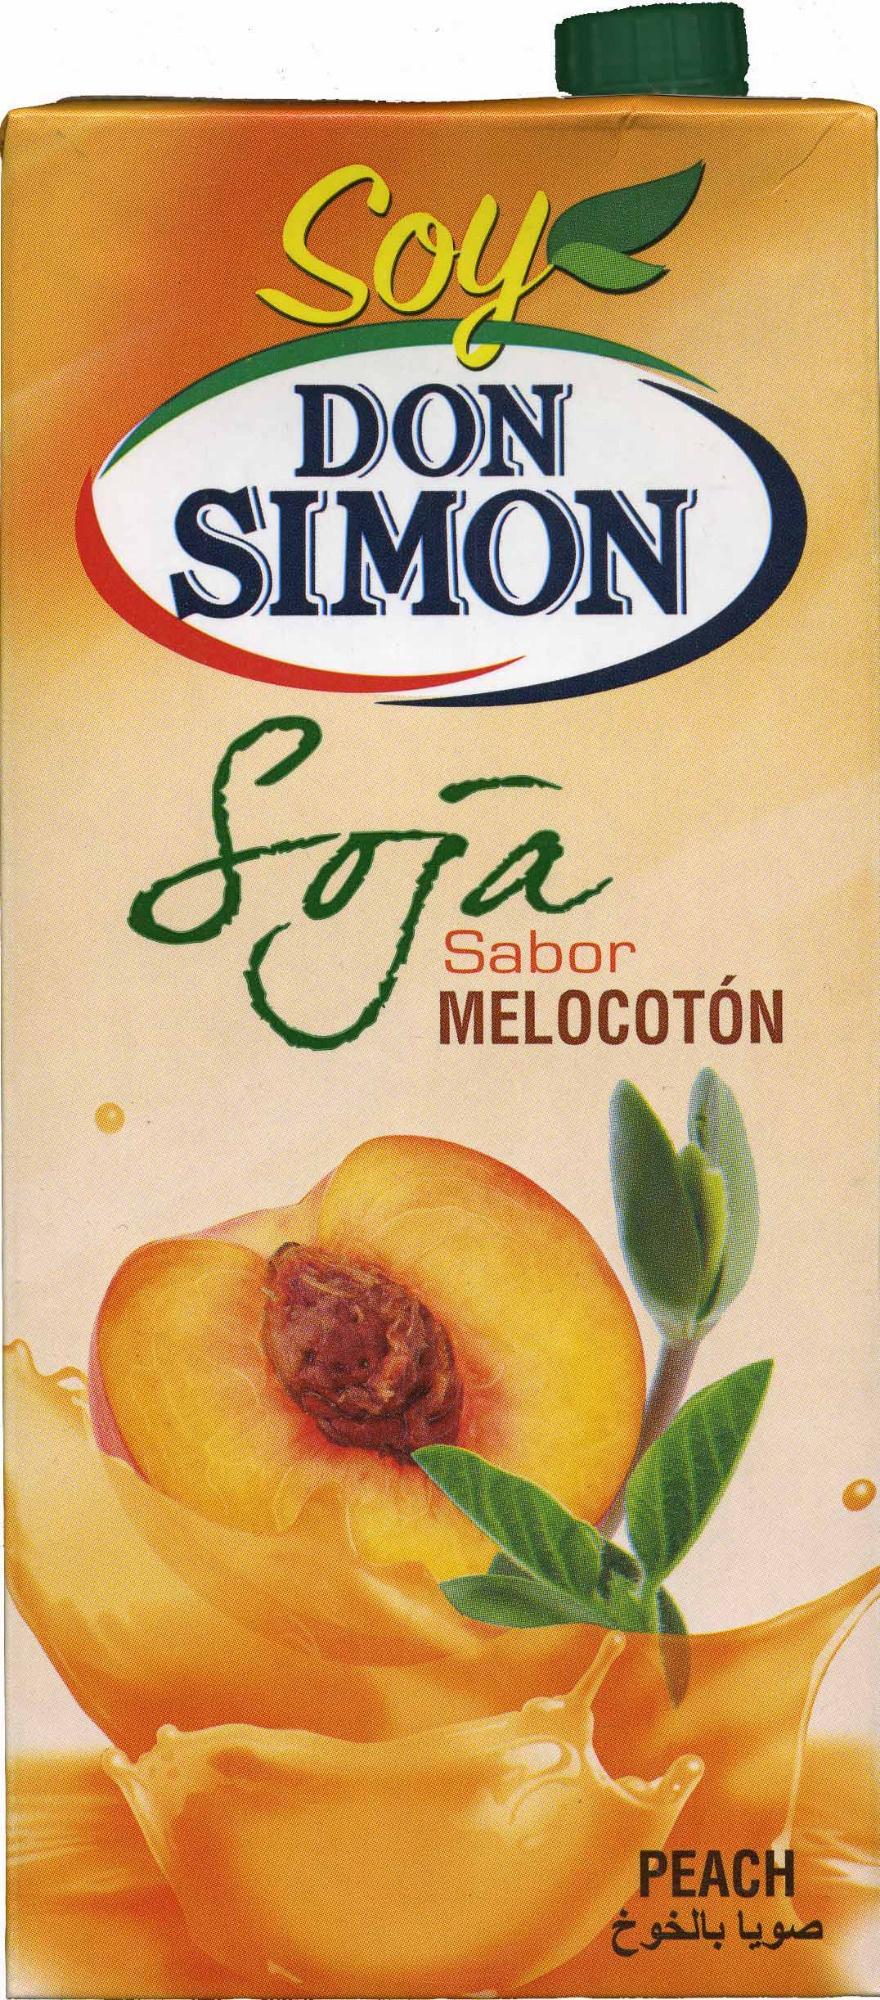 Soja sabor melocoton - Producto - es